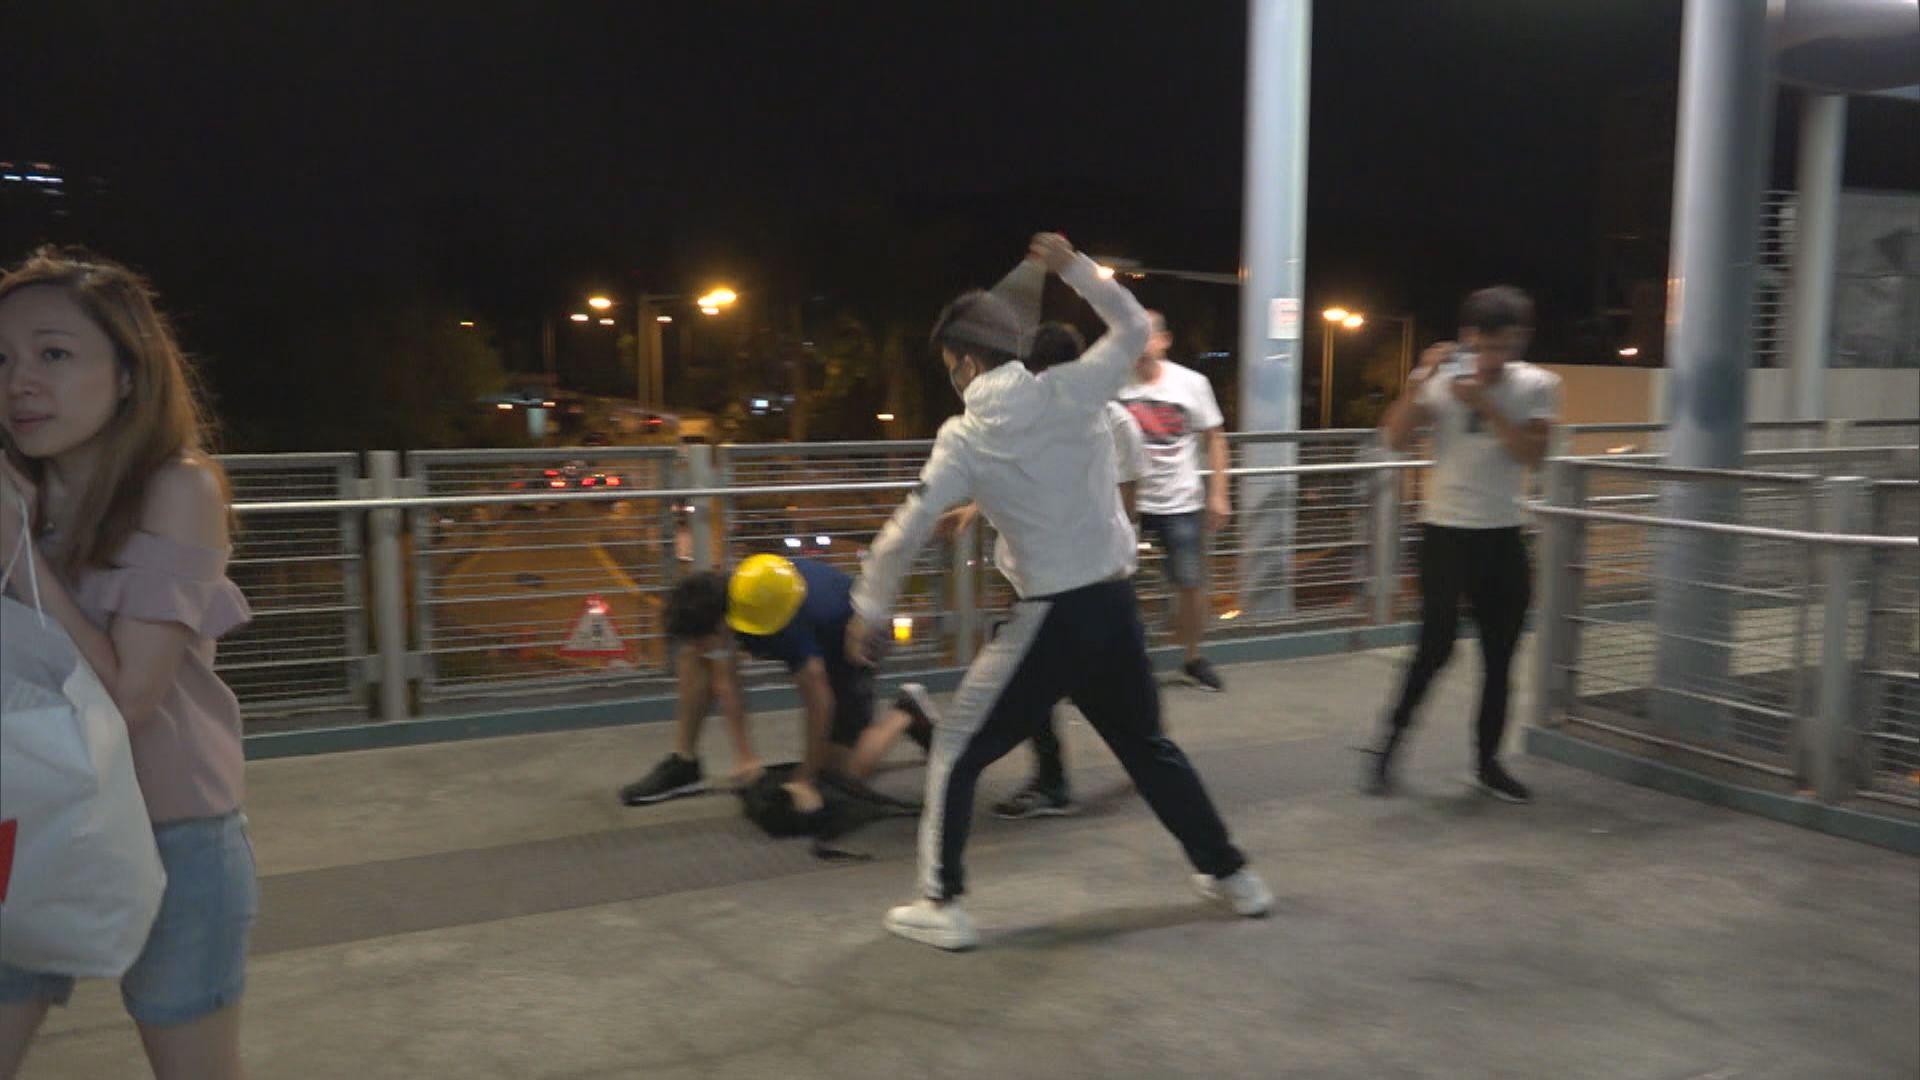 721元朗襲擊 兩人被控暴動下午提堂